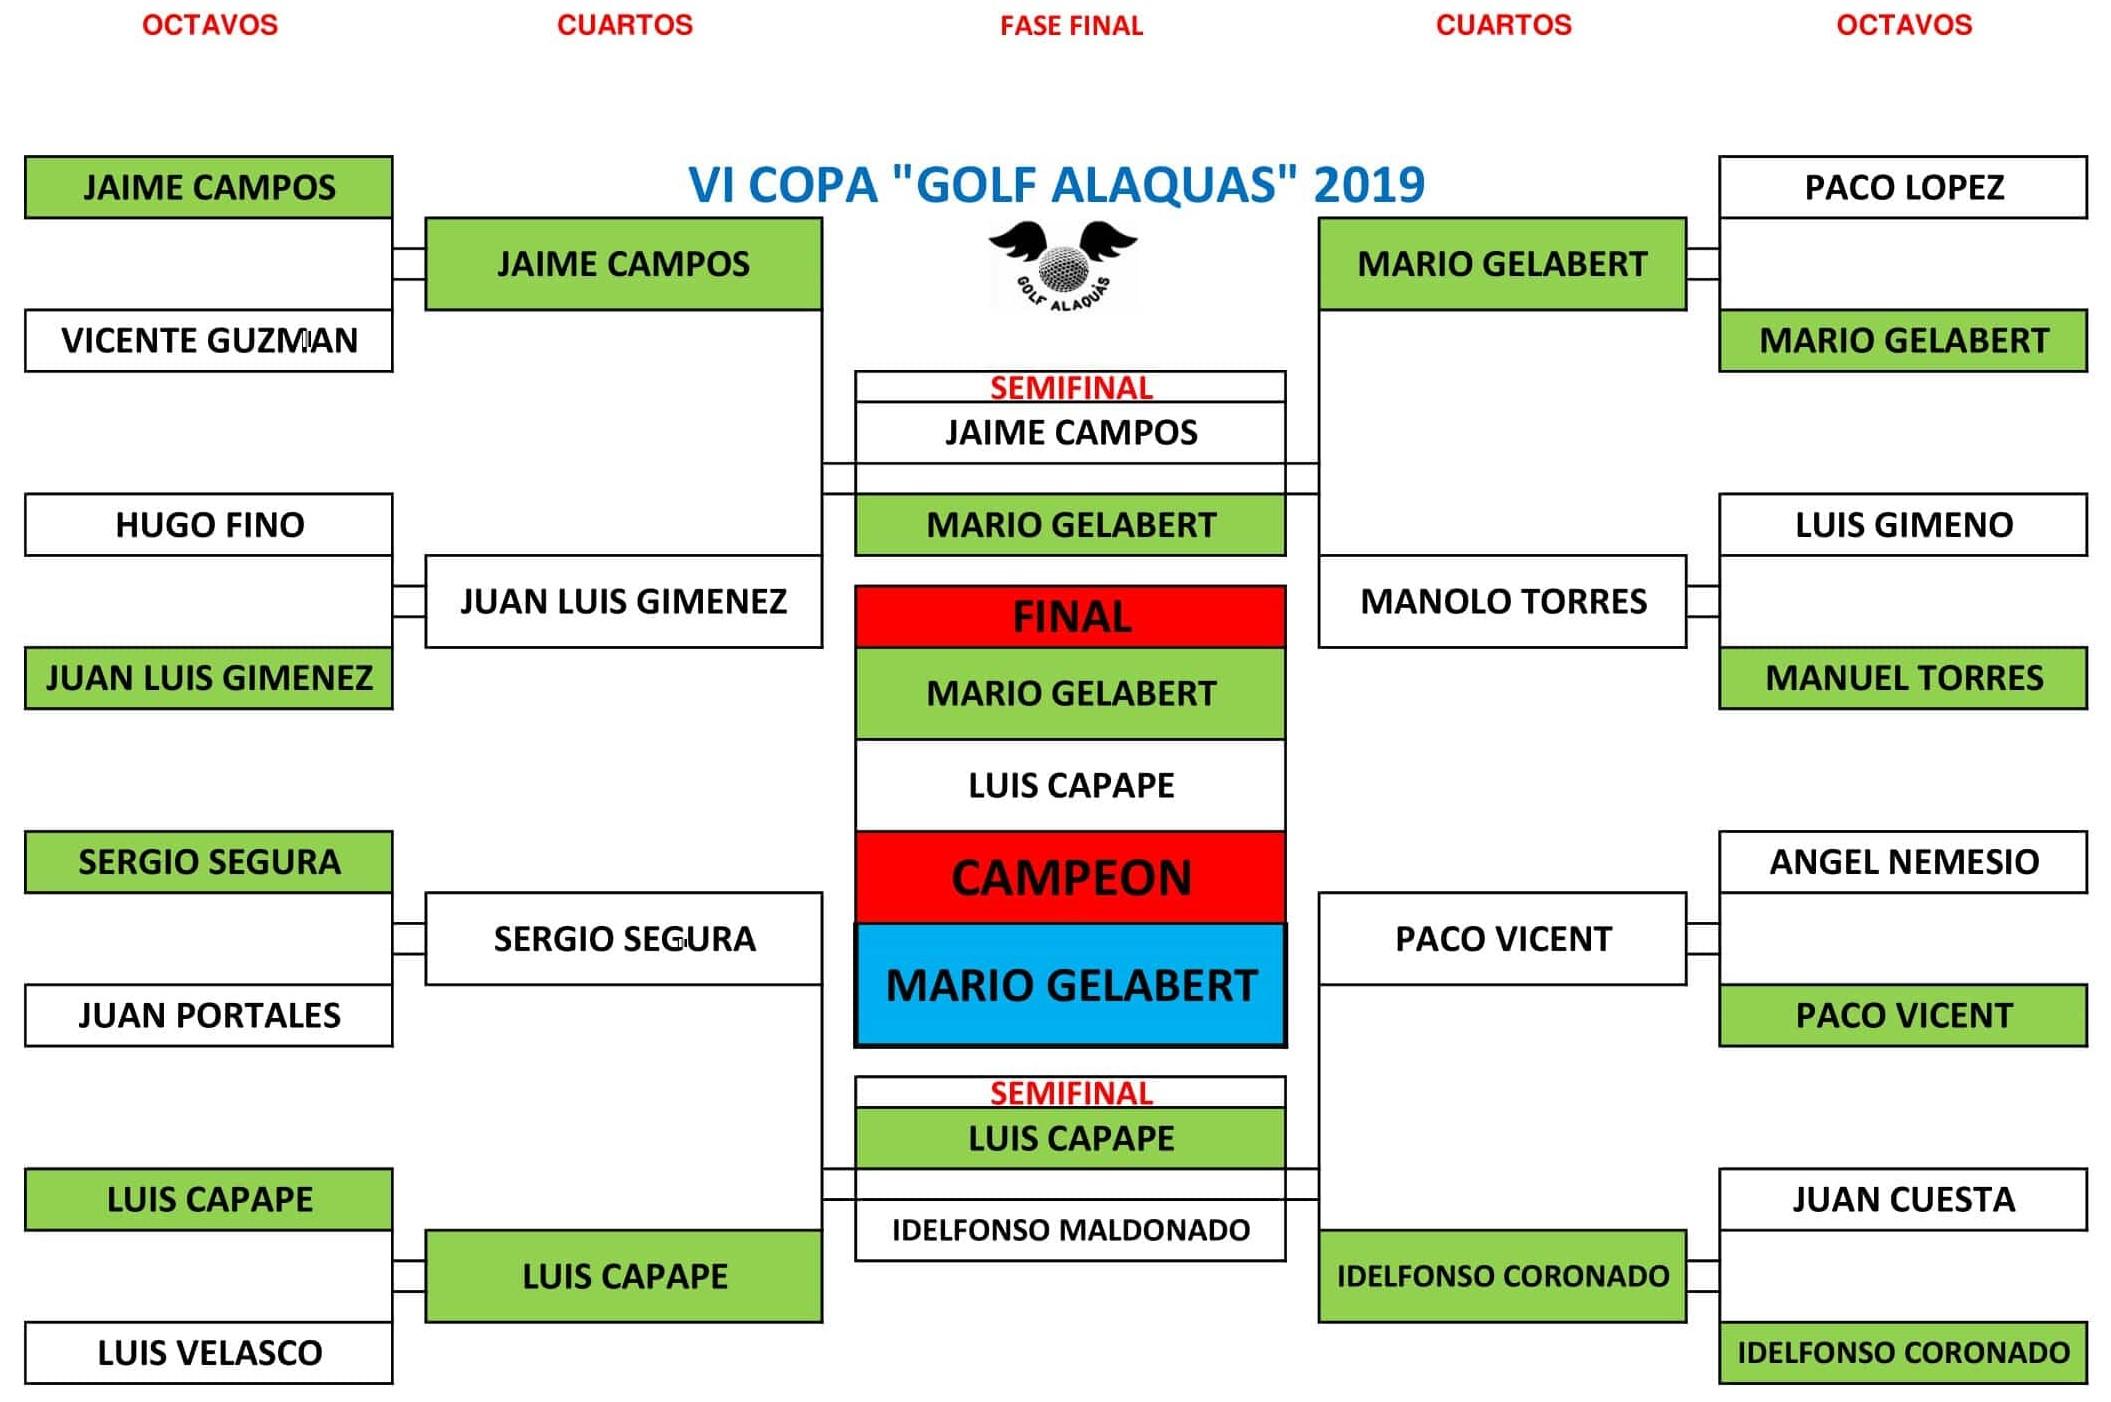 CUADRANT COPA GOLF ALAQUAS 2019